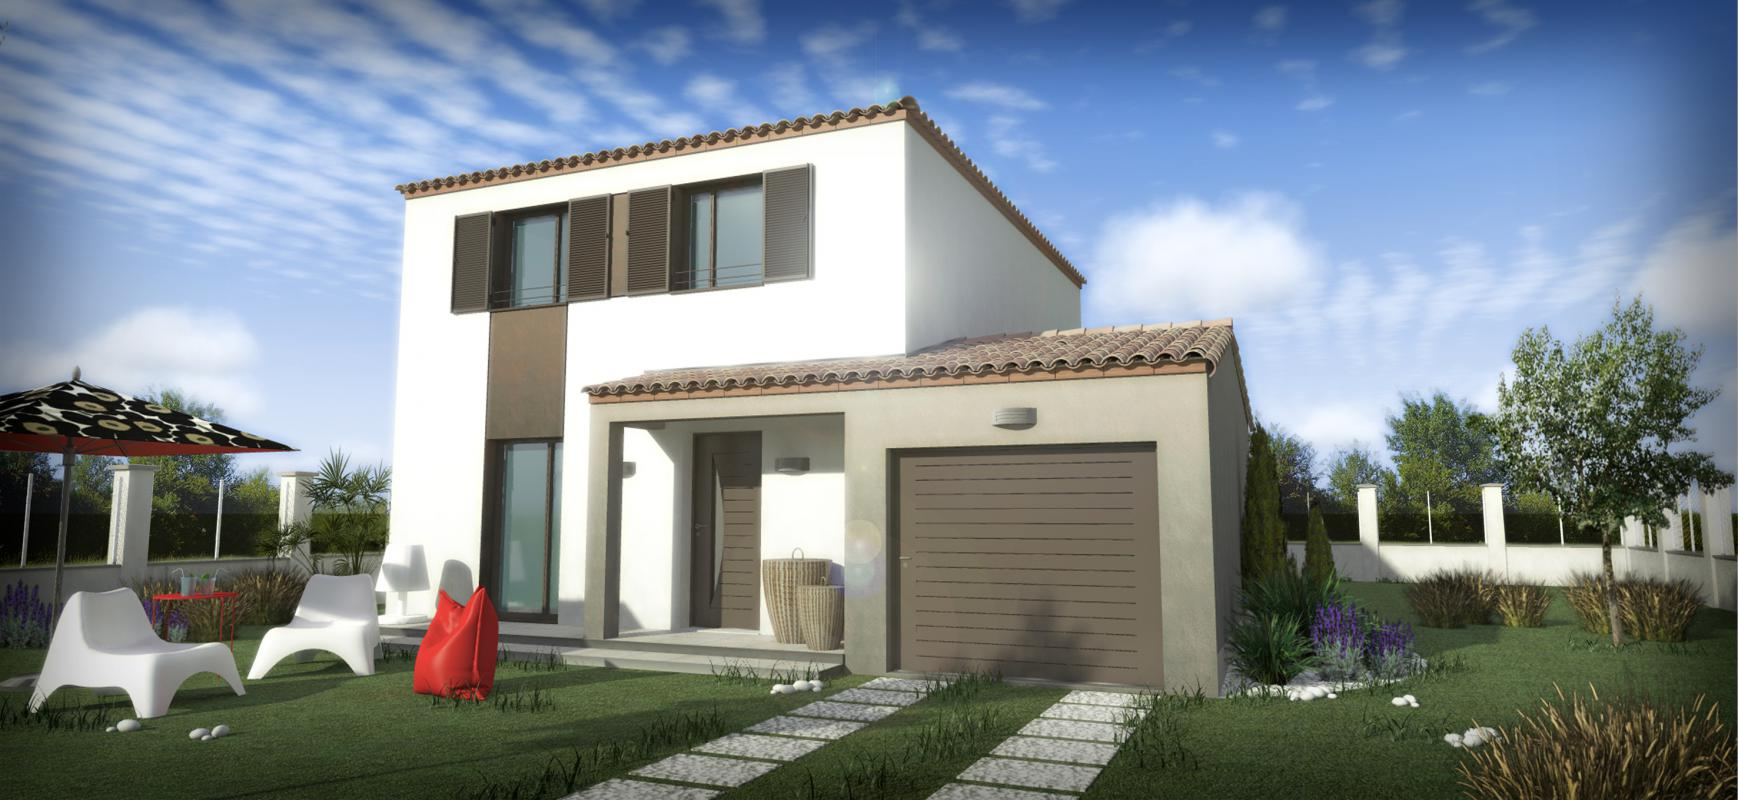 Maisons + Terrains du constructeur SM 11 • 84 m² • LAURENS